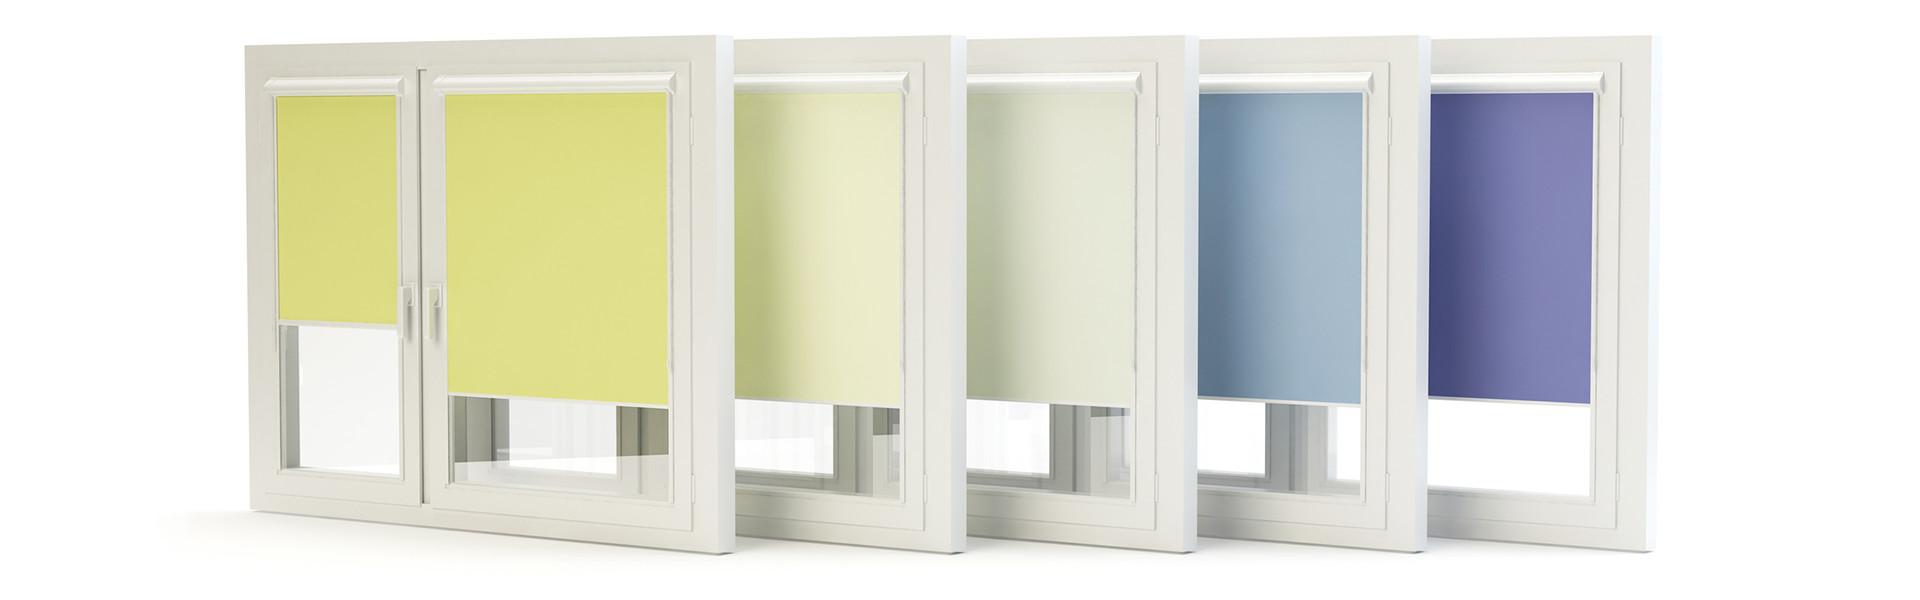 rolety materiałowe na każdy rodzaj okien